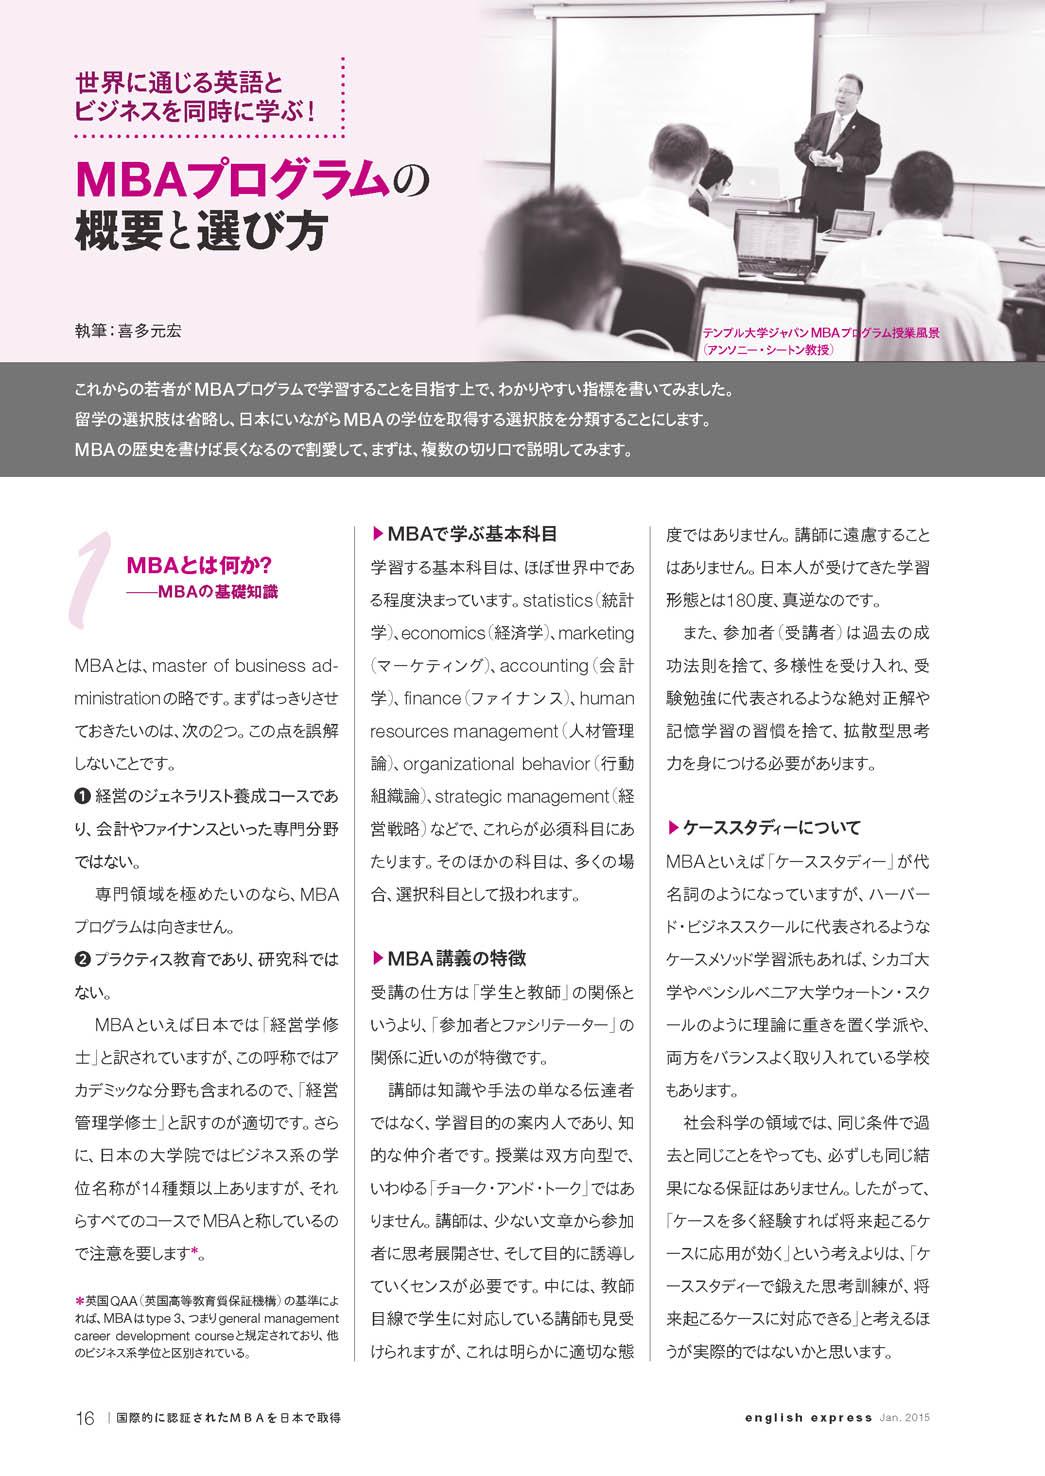 ◆FOCUS#br#世界に通じる英語とビジネスを同時に学ぶ!#br#MBAを日本で取得